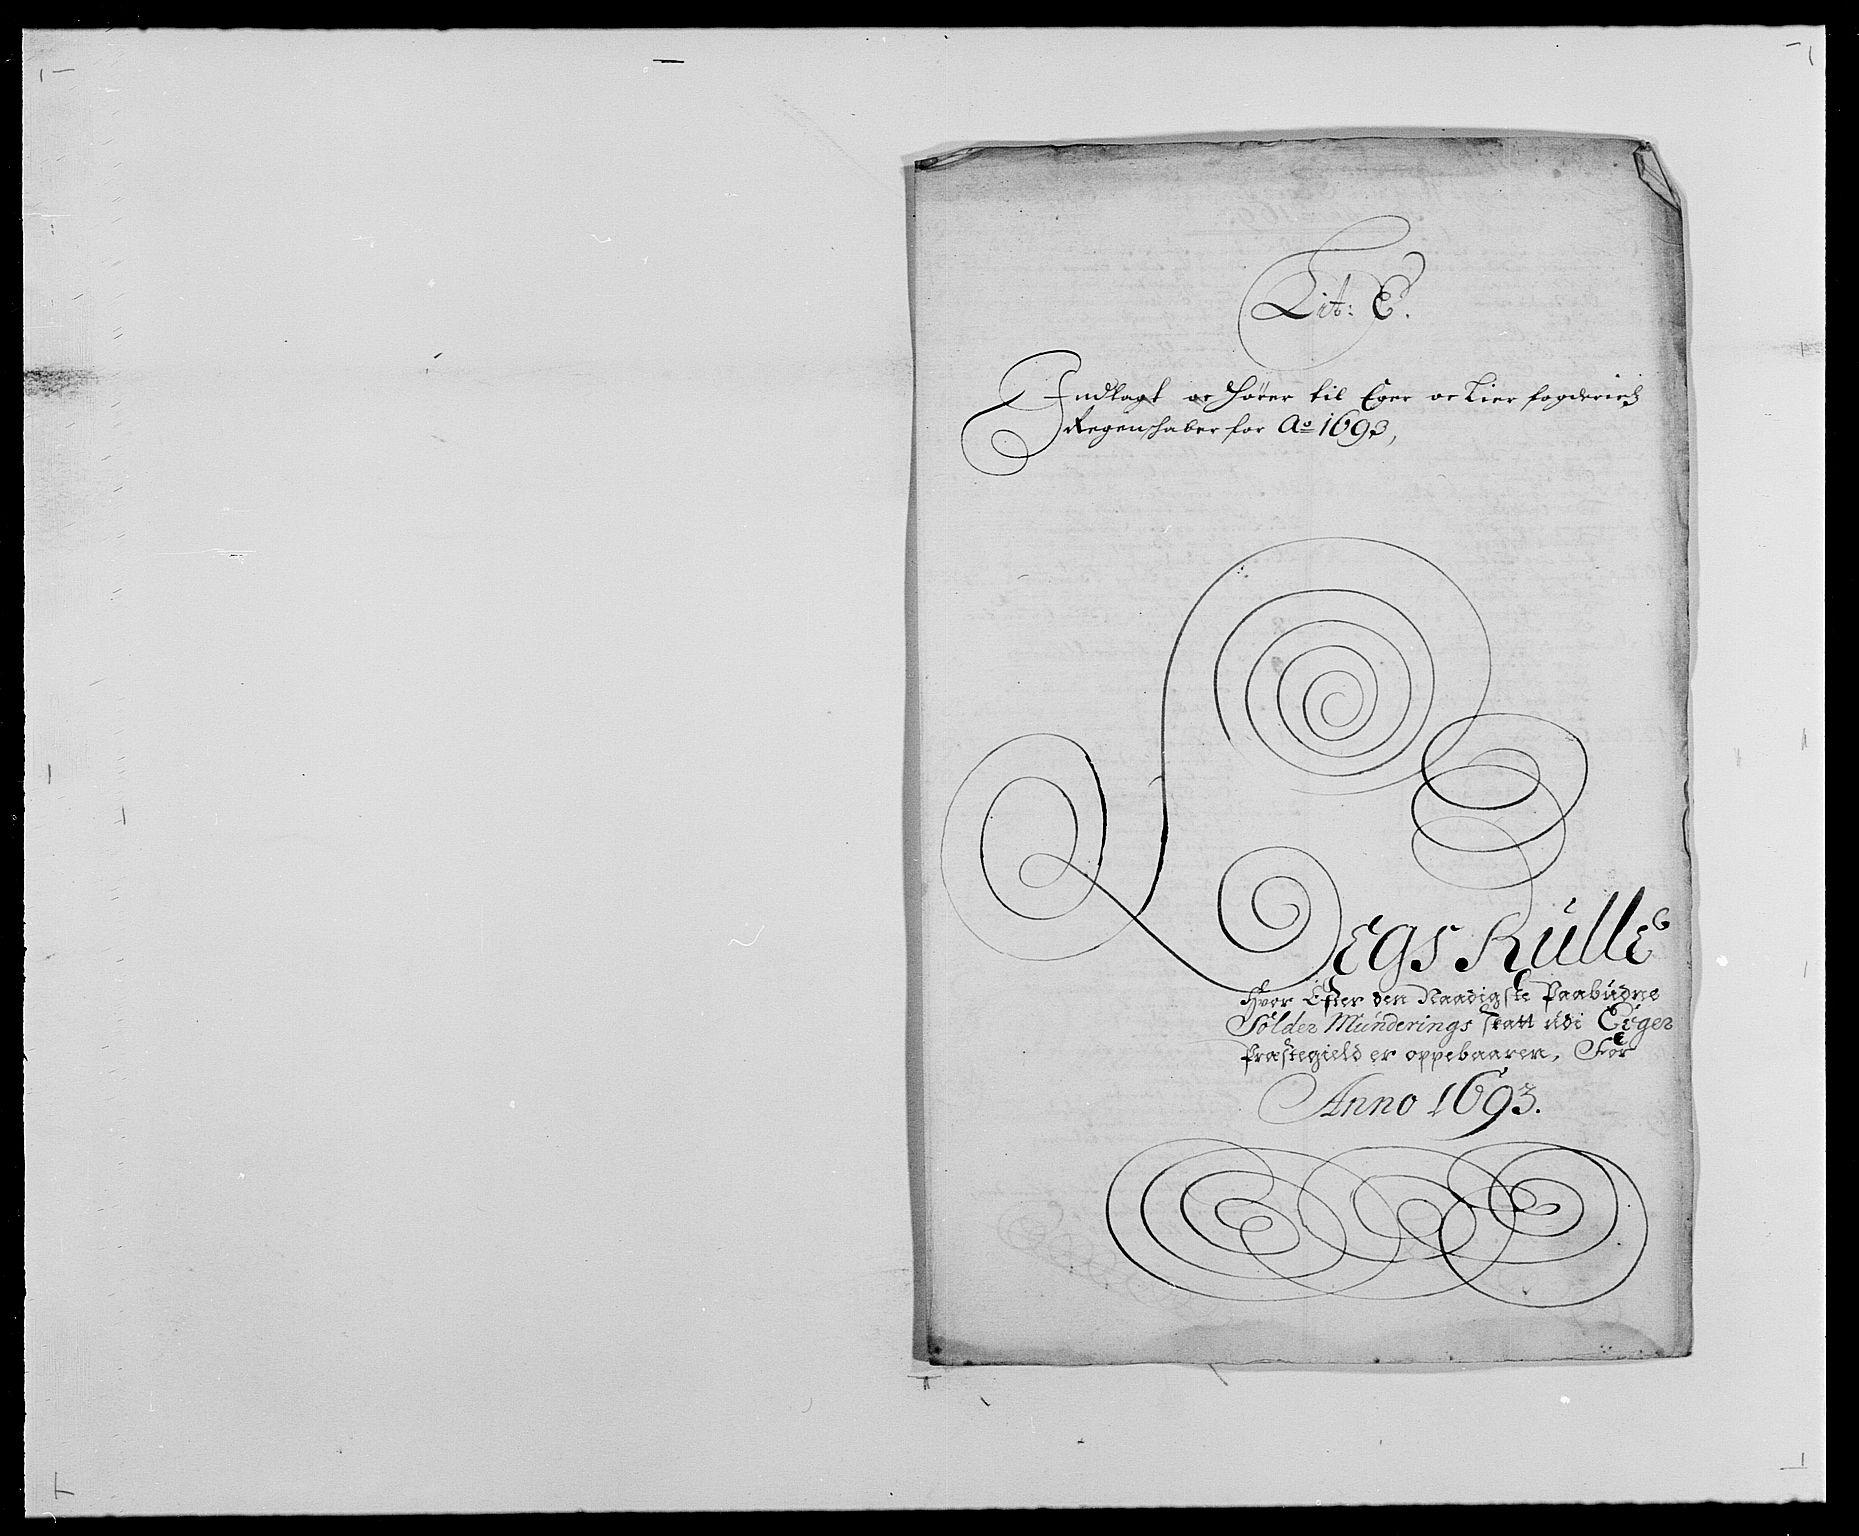 RA, Rentekammeret inntil 1814, Reviderte regnskaper, Fogderegnskap, R28/L1690: Fogderegnskap Eiker og Lier, 1692-1693, s. 181